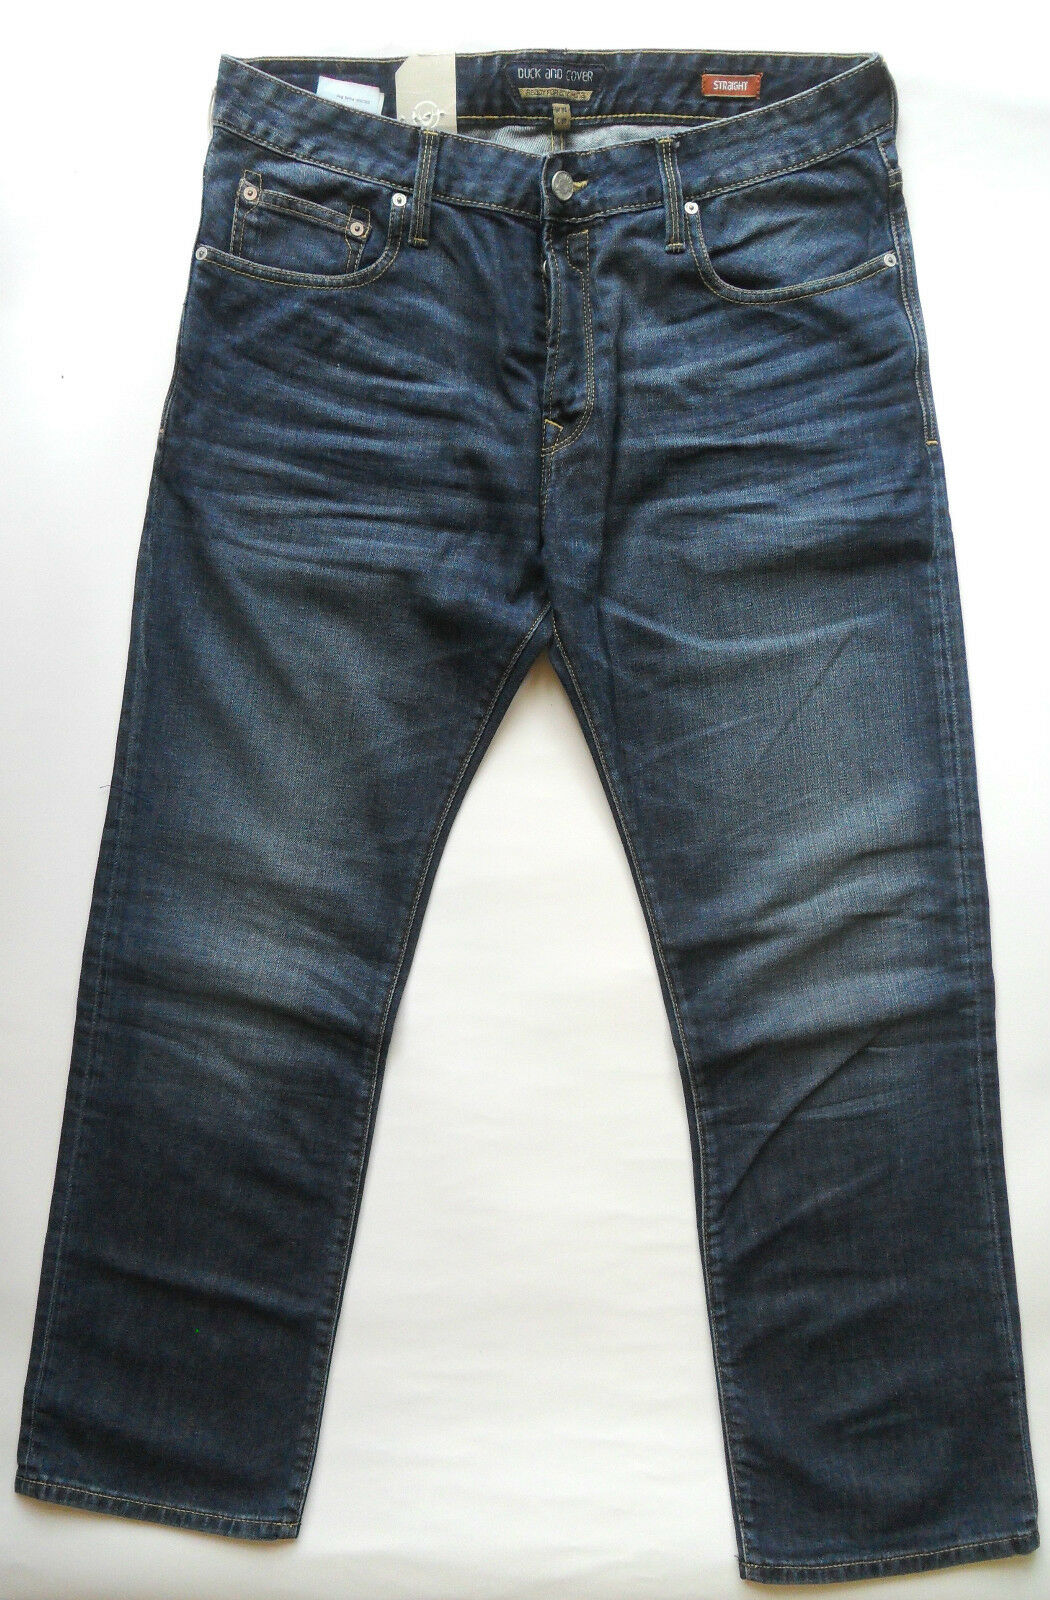 DUCK & COVER Jeans Jeans Jeans Men's Regular Fit Straight Leg Boxsir Various Colours & Größes df3ec3